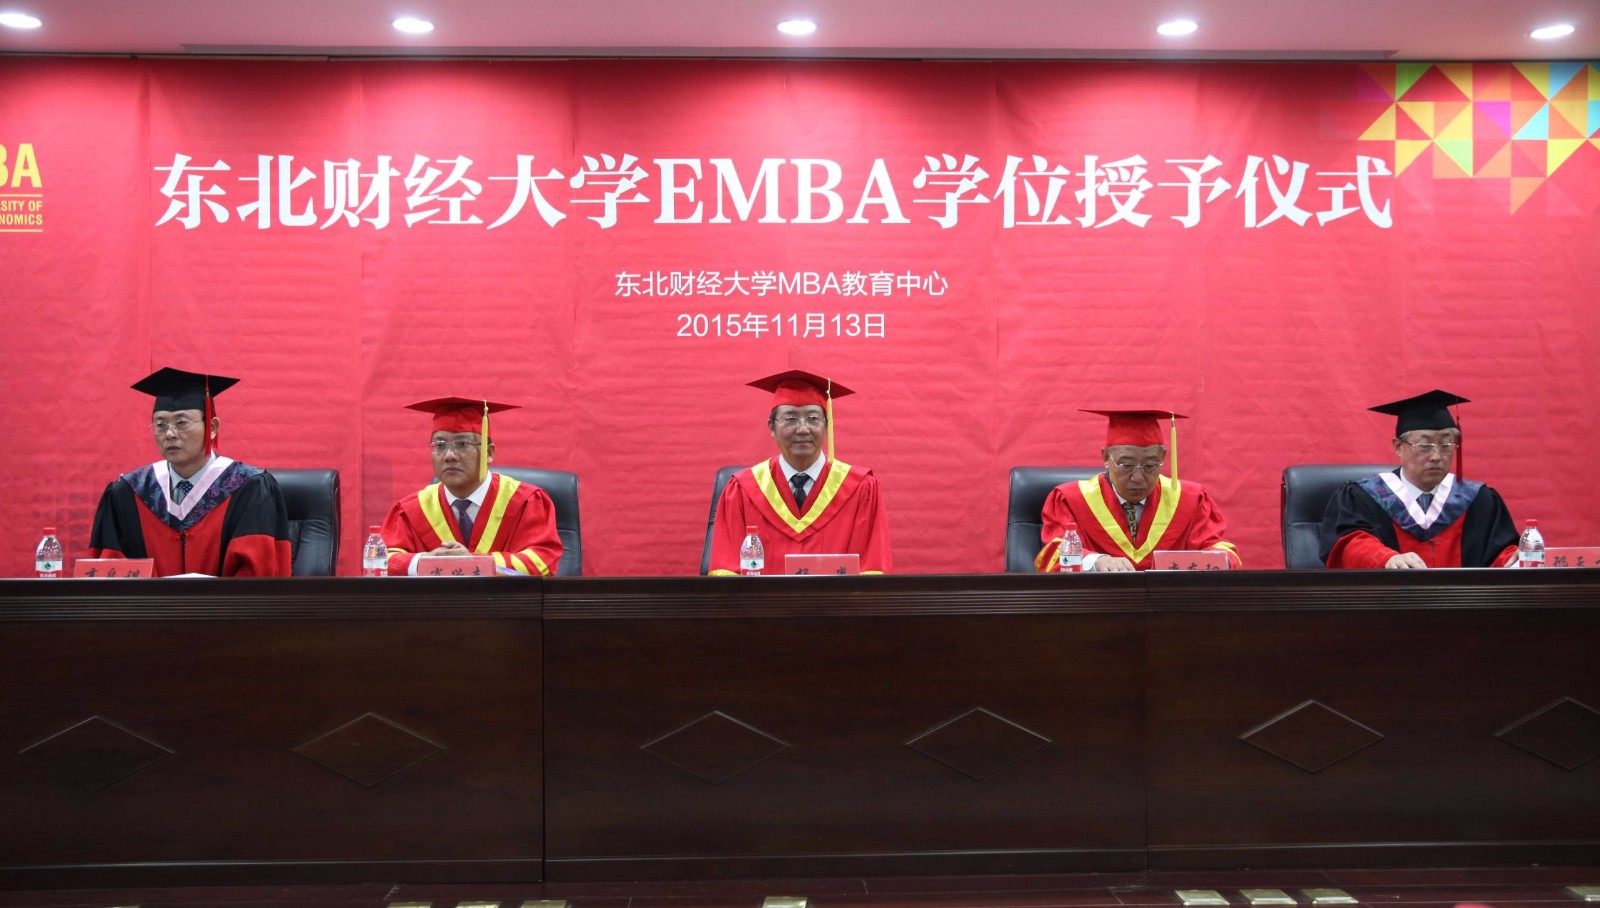 东北财经大学2015级EMBA学位授予仪式